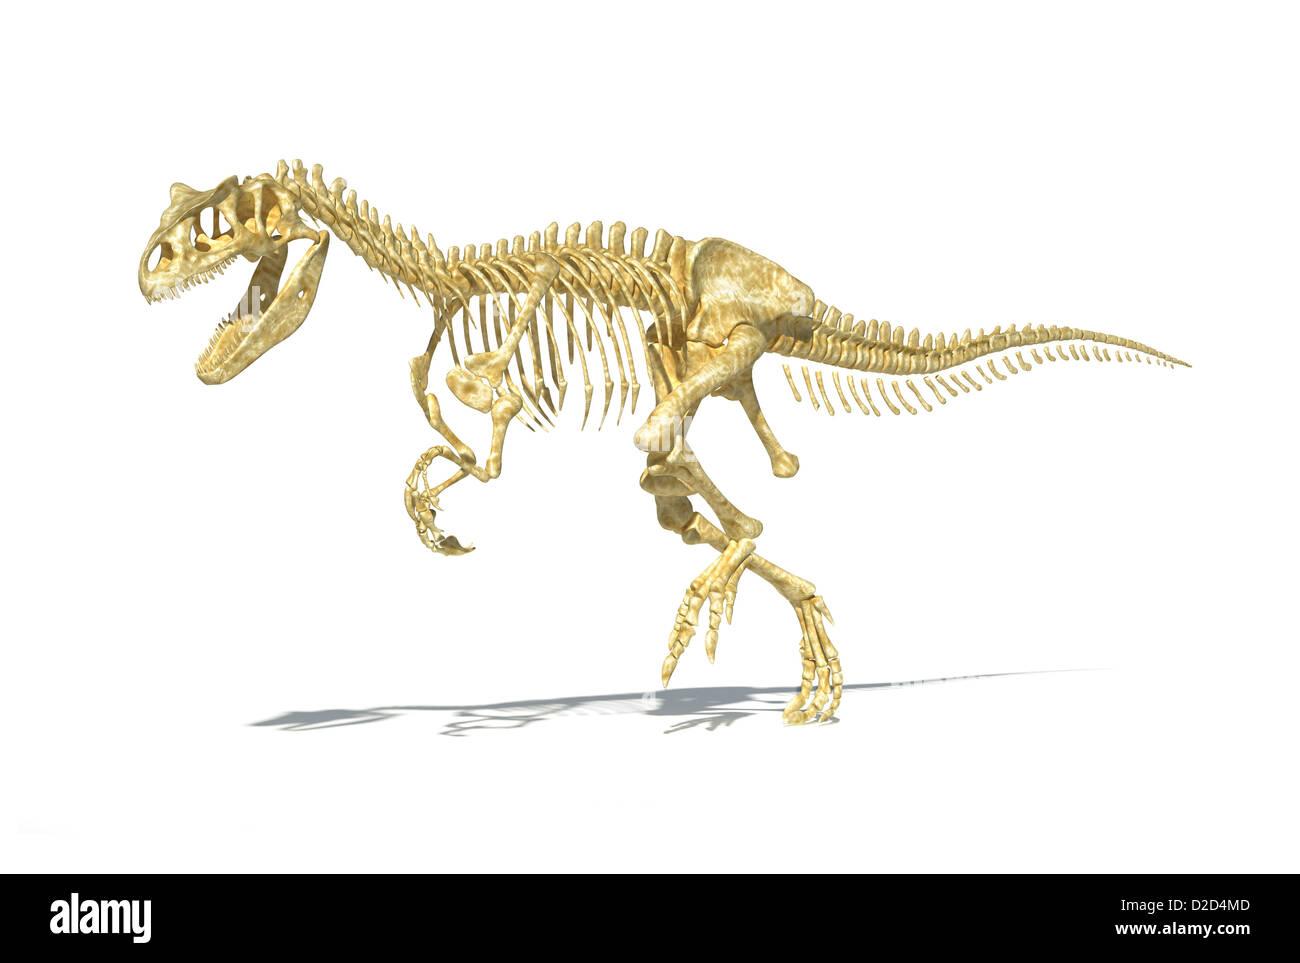 Esqueleto de dinosaurio carnívoro Allosaurs Allosaurus reptiles ...